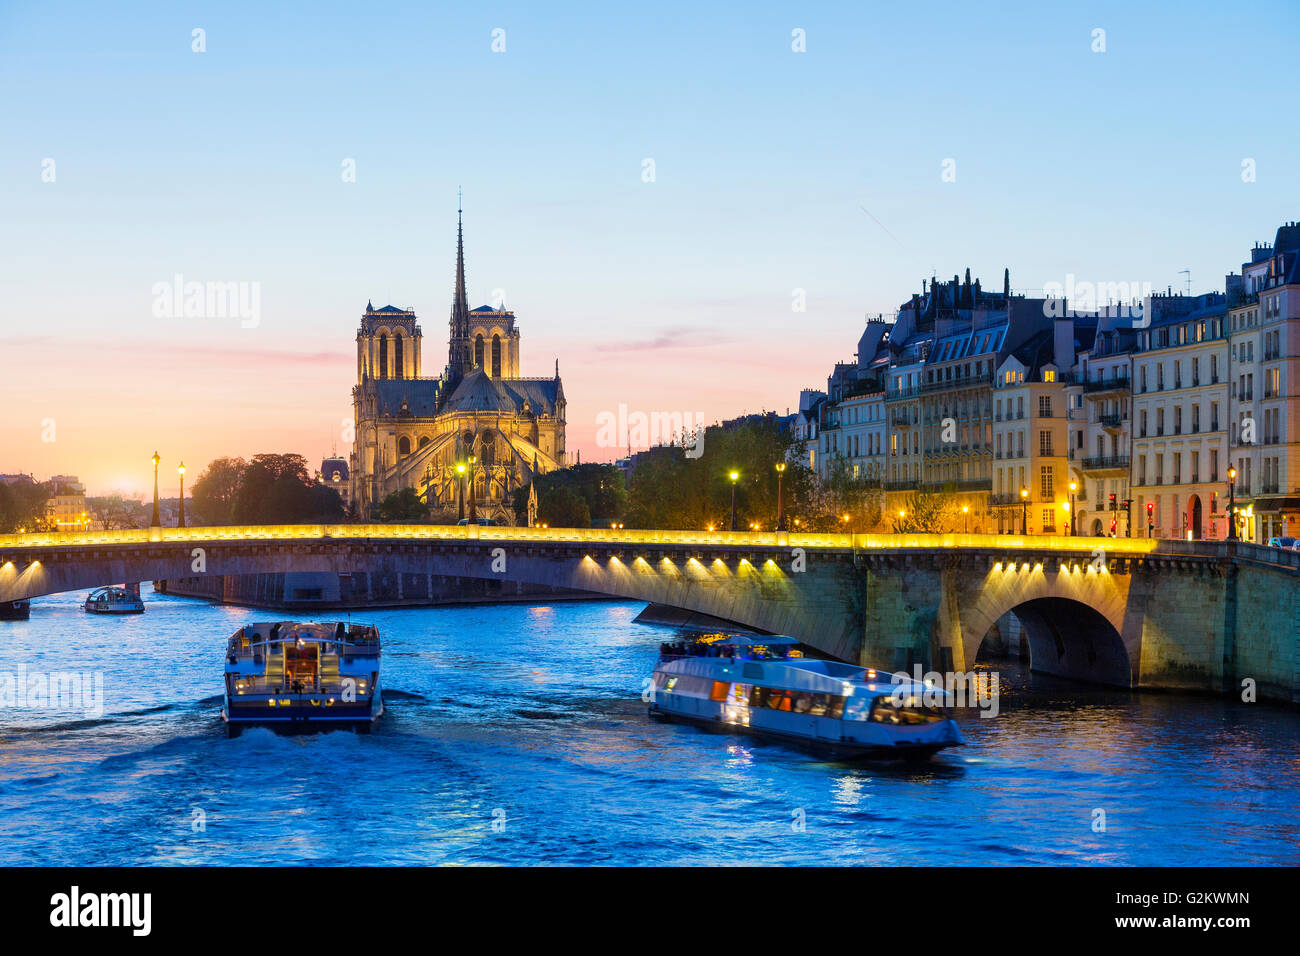 Paris, Schifffahrt auf der Seine bei Sonnenuntergang mit Notre Dame de Paris Kathedrale im Hintergrund Stockbild